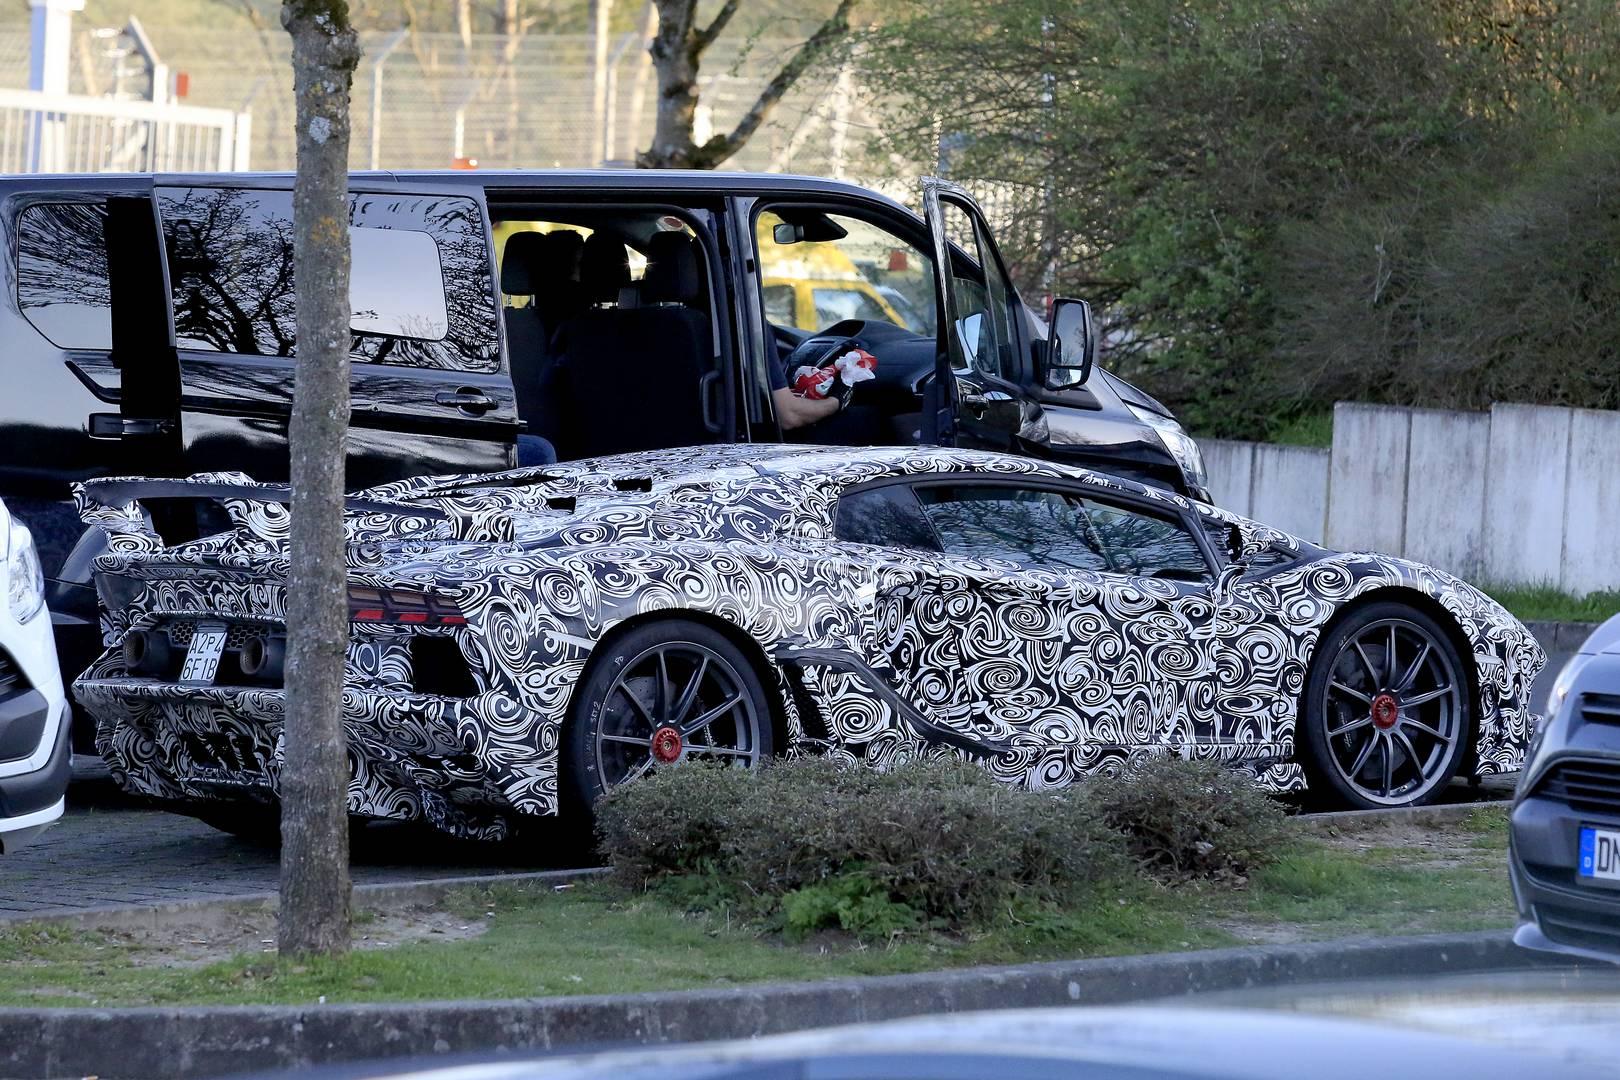 Ясно, что Lamborghini стремится вернуть свой рекорд серийного автомобиля. Вы можете вспомнить Lamborghini Huracán LP 640-4 Performante, который установил ошеломляющее время 6:52,01 и Porsche, который ответил на это в конце прошлого года, временемс 6: